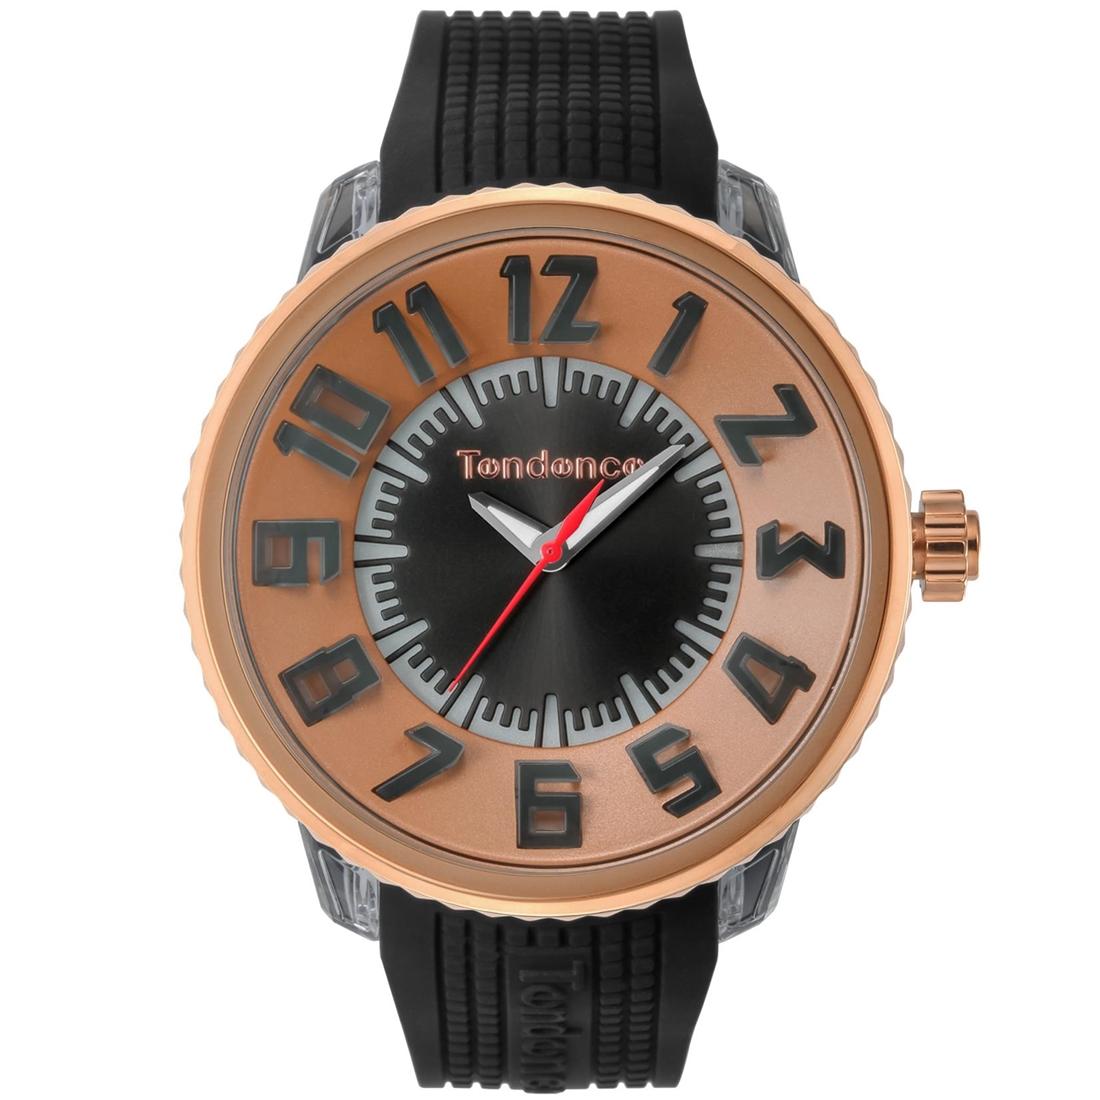 正規品 Tendence テンデンス TY532002 フラッシュ 腕時計